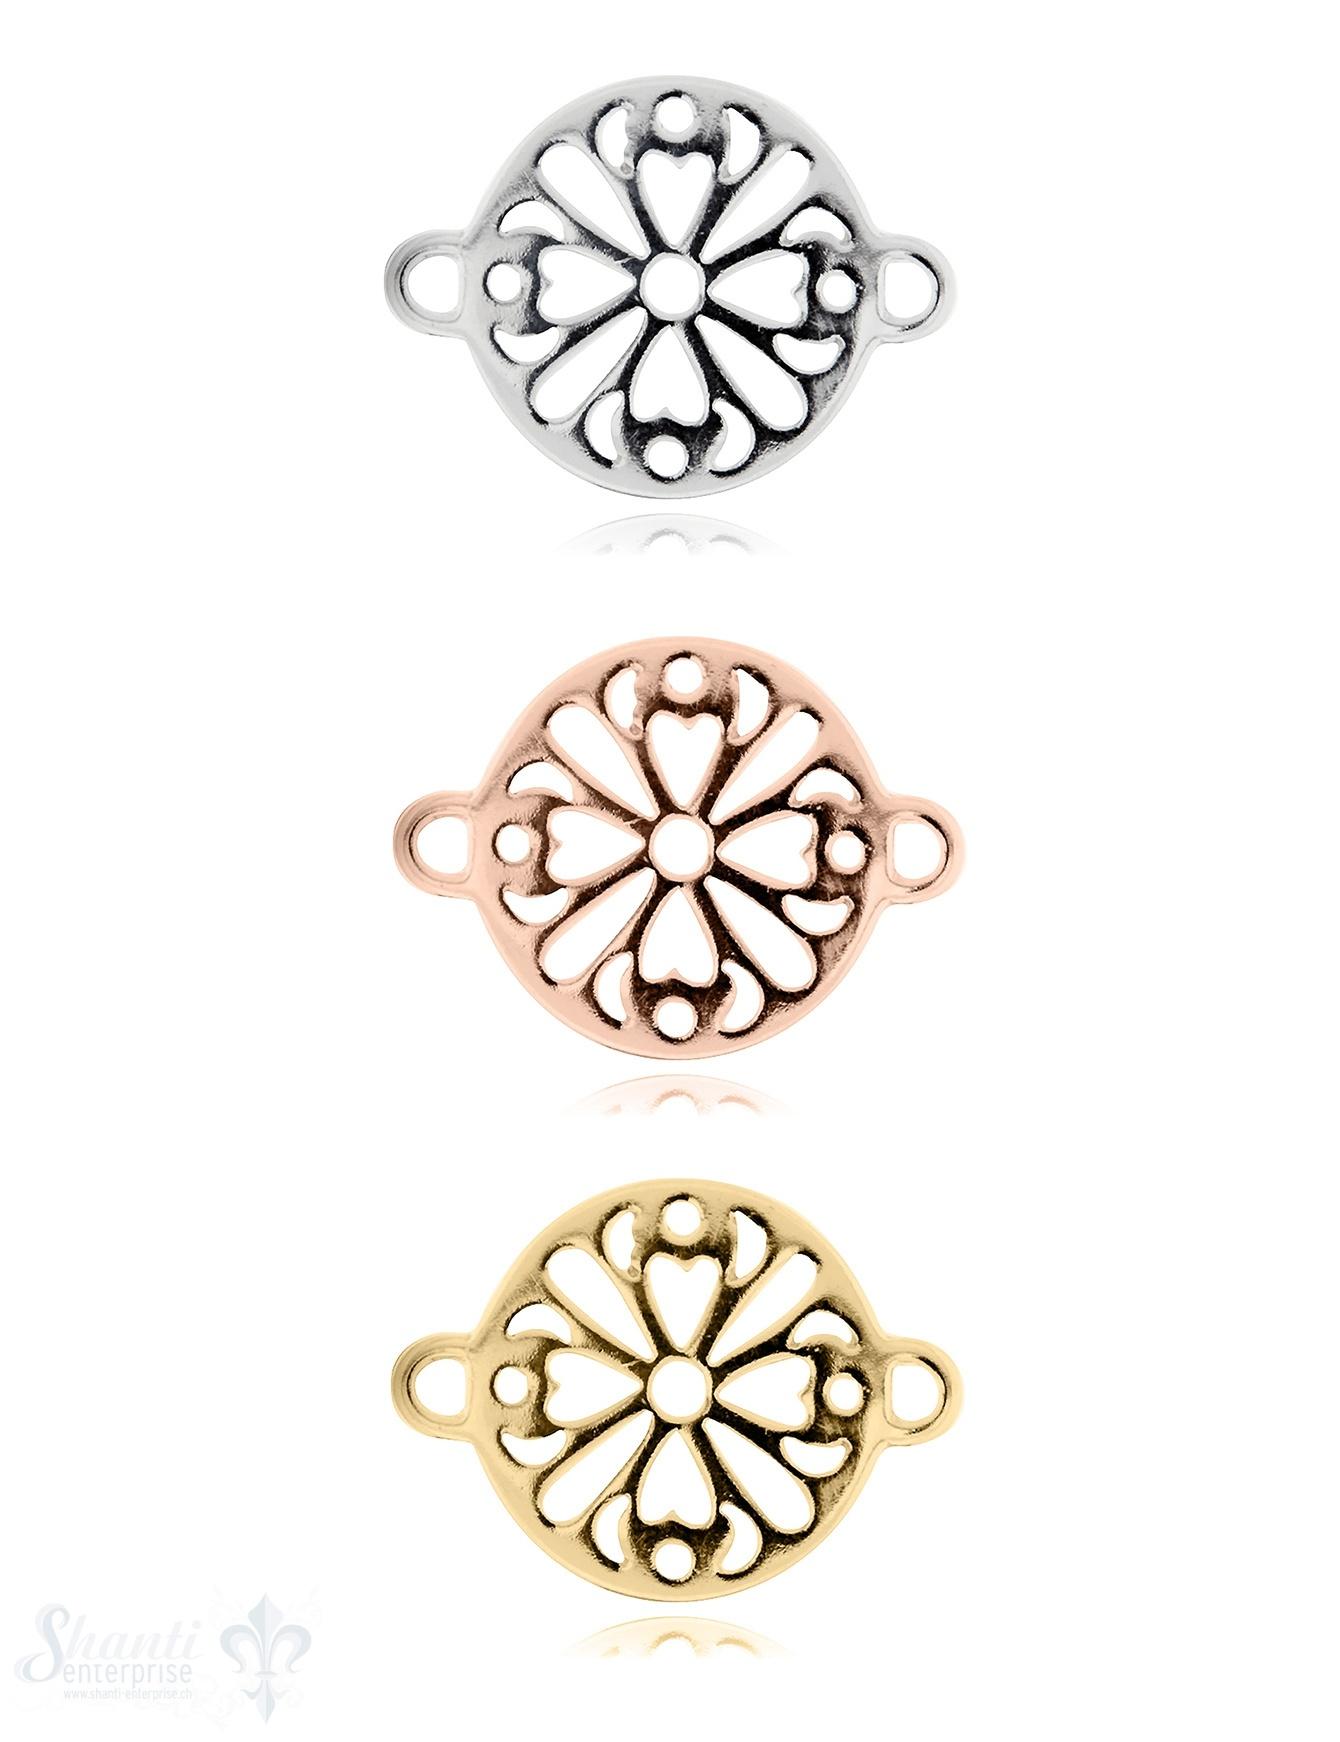 Silberteil mit Doppelösen: Blumenmuster durchbroche 26x20mm Dicke: 1.5 mm